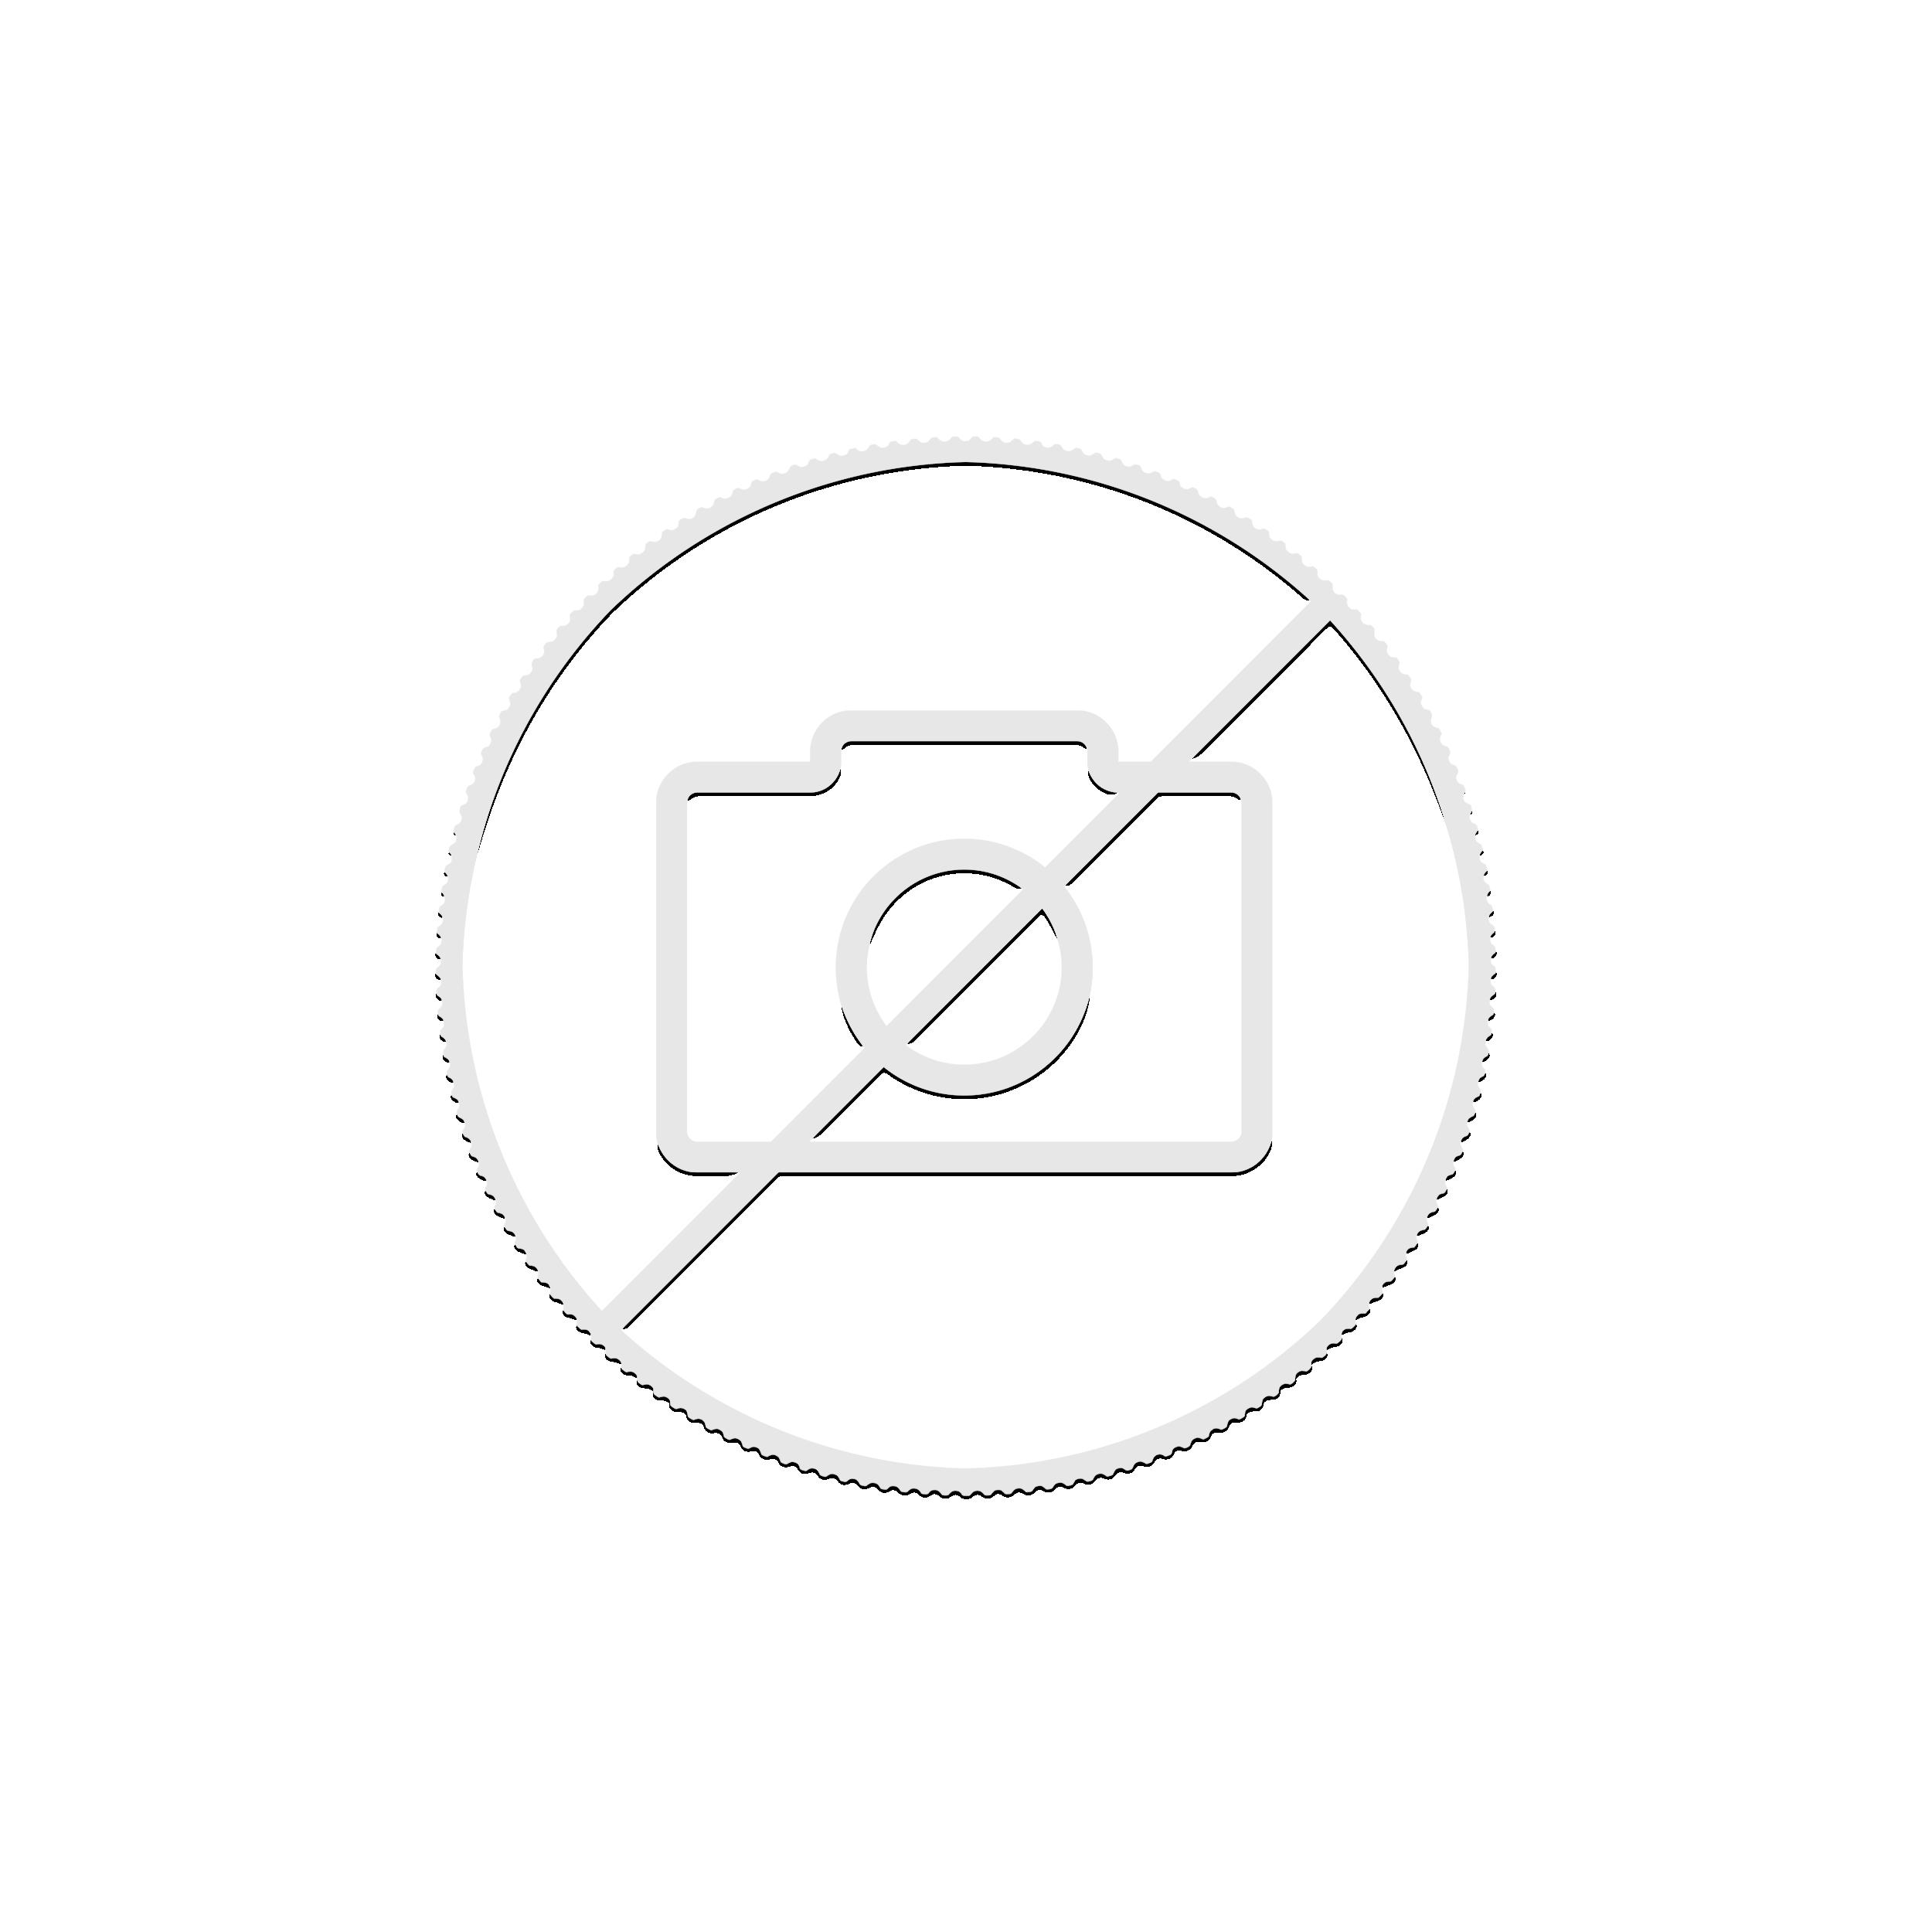 1.25 troy ounce zilveren Bison munt 2017